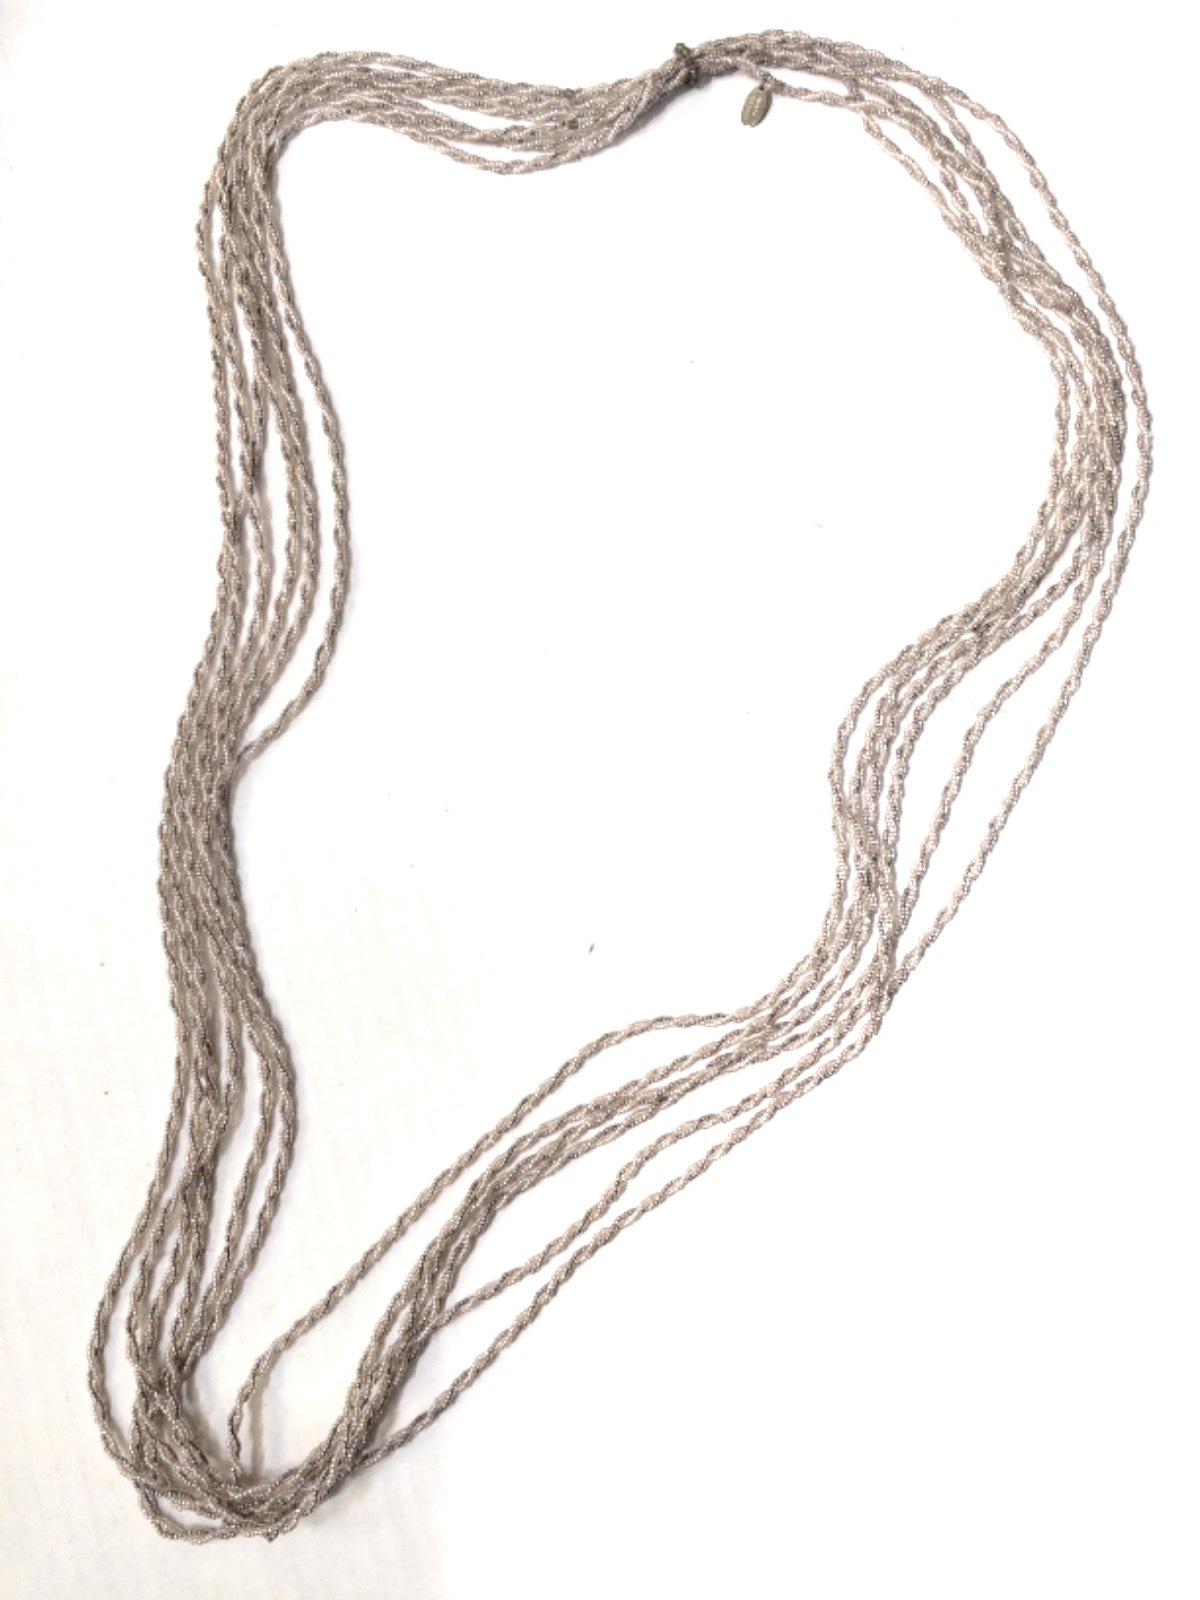 maria calderara(マリアカルデラーラ)のネックレス